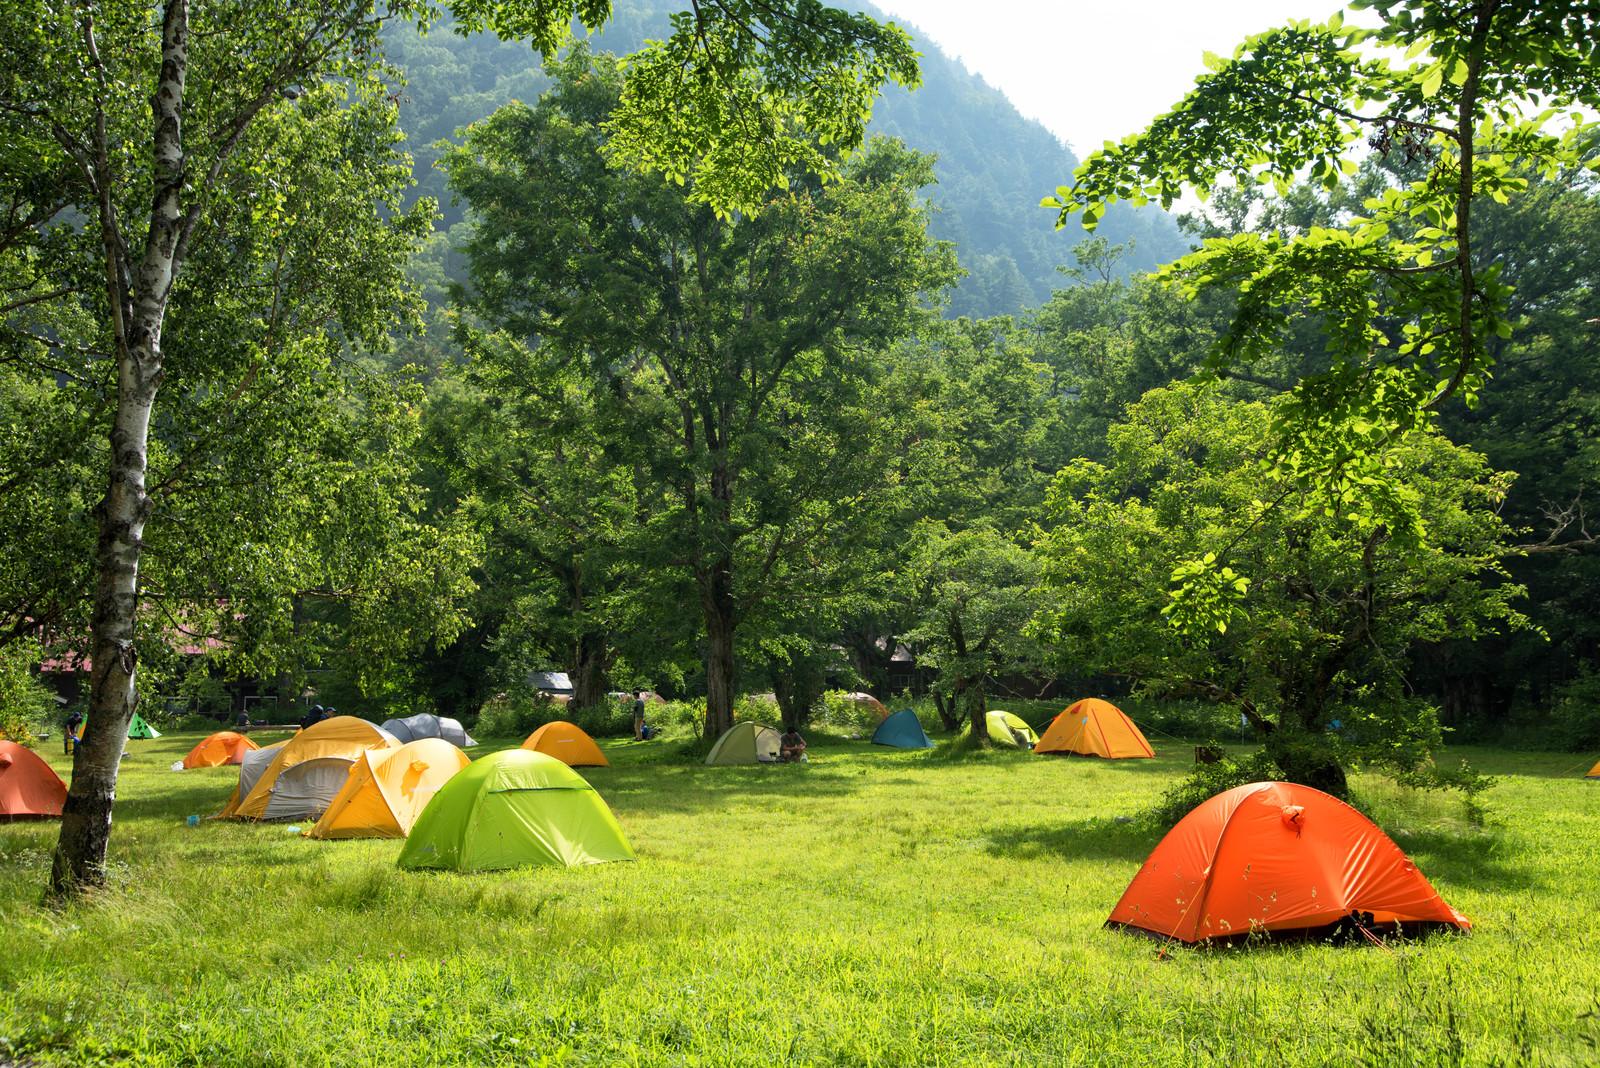 秋キャンプの勧め!おすすめポイントと快適に過ごすための注意点 利用しやすいキャンプ場は?! イメージ画像